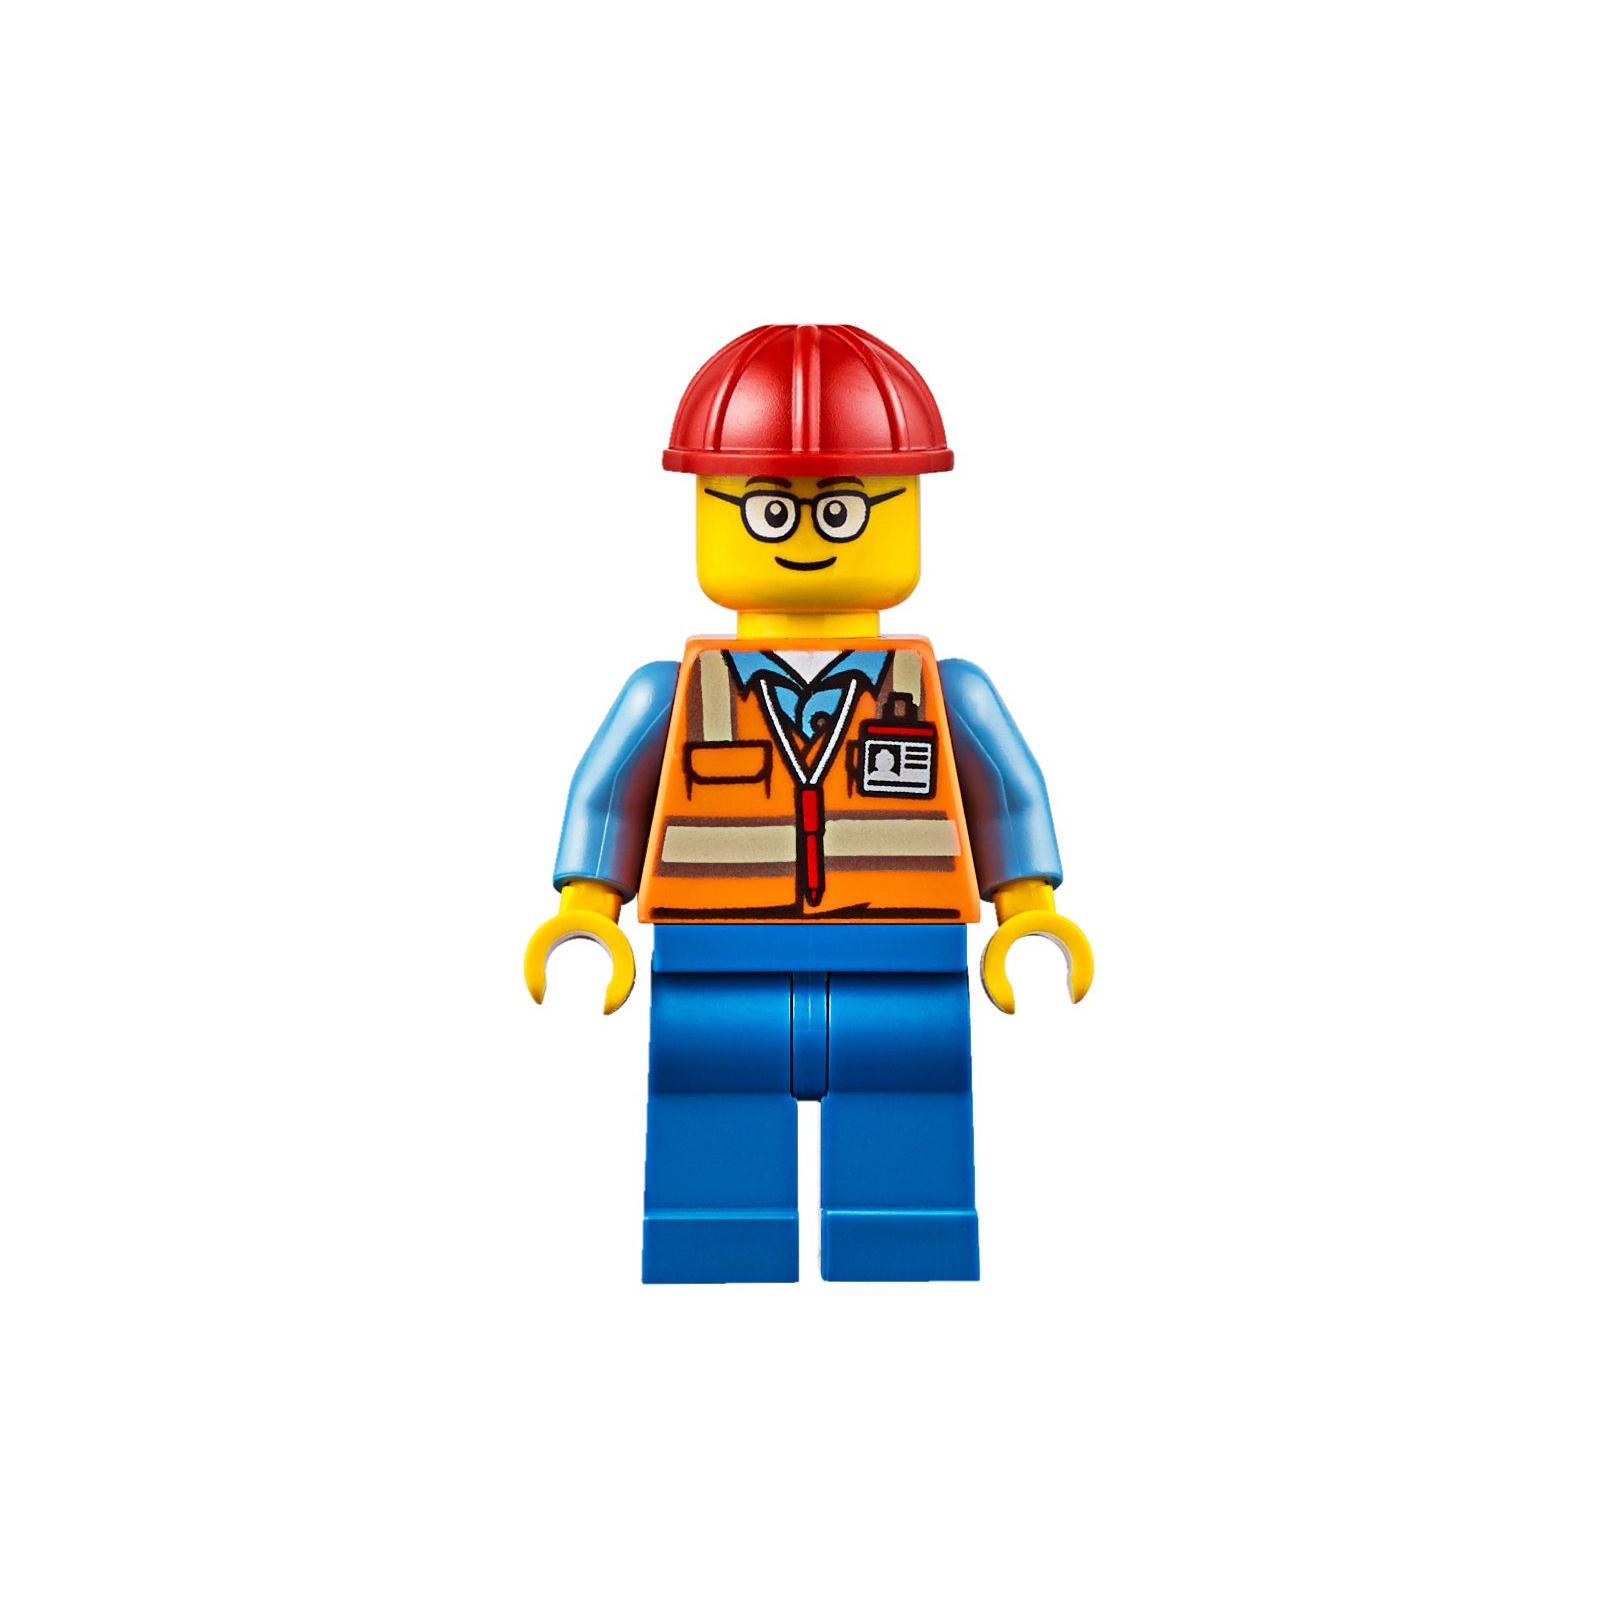 Конструктор LEGO City Fire Пожарный грузовик (60111) изображение 8